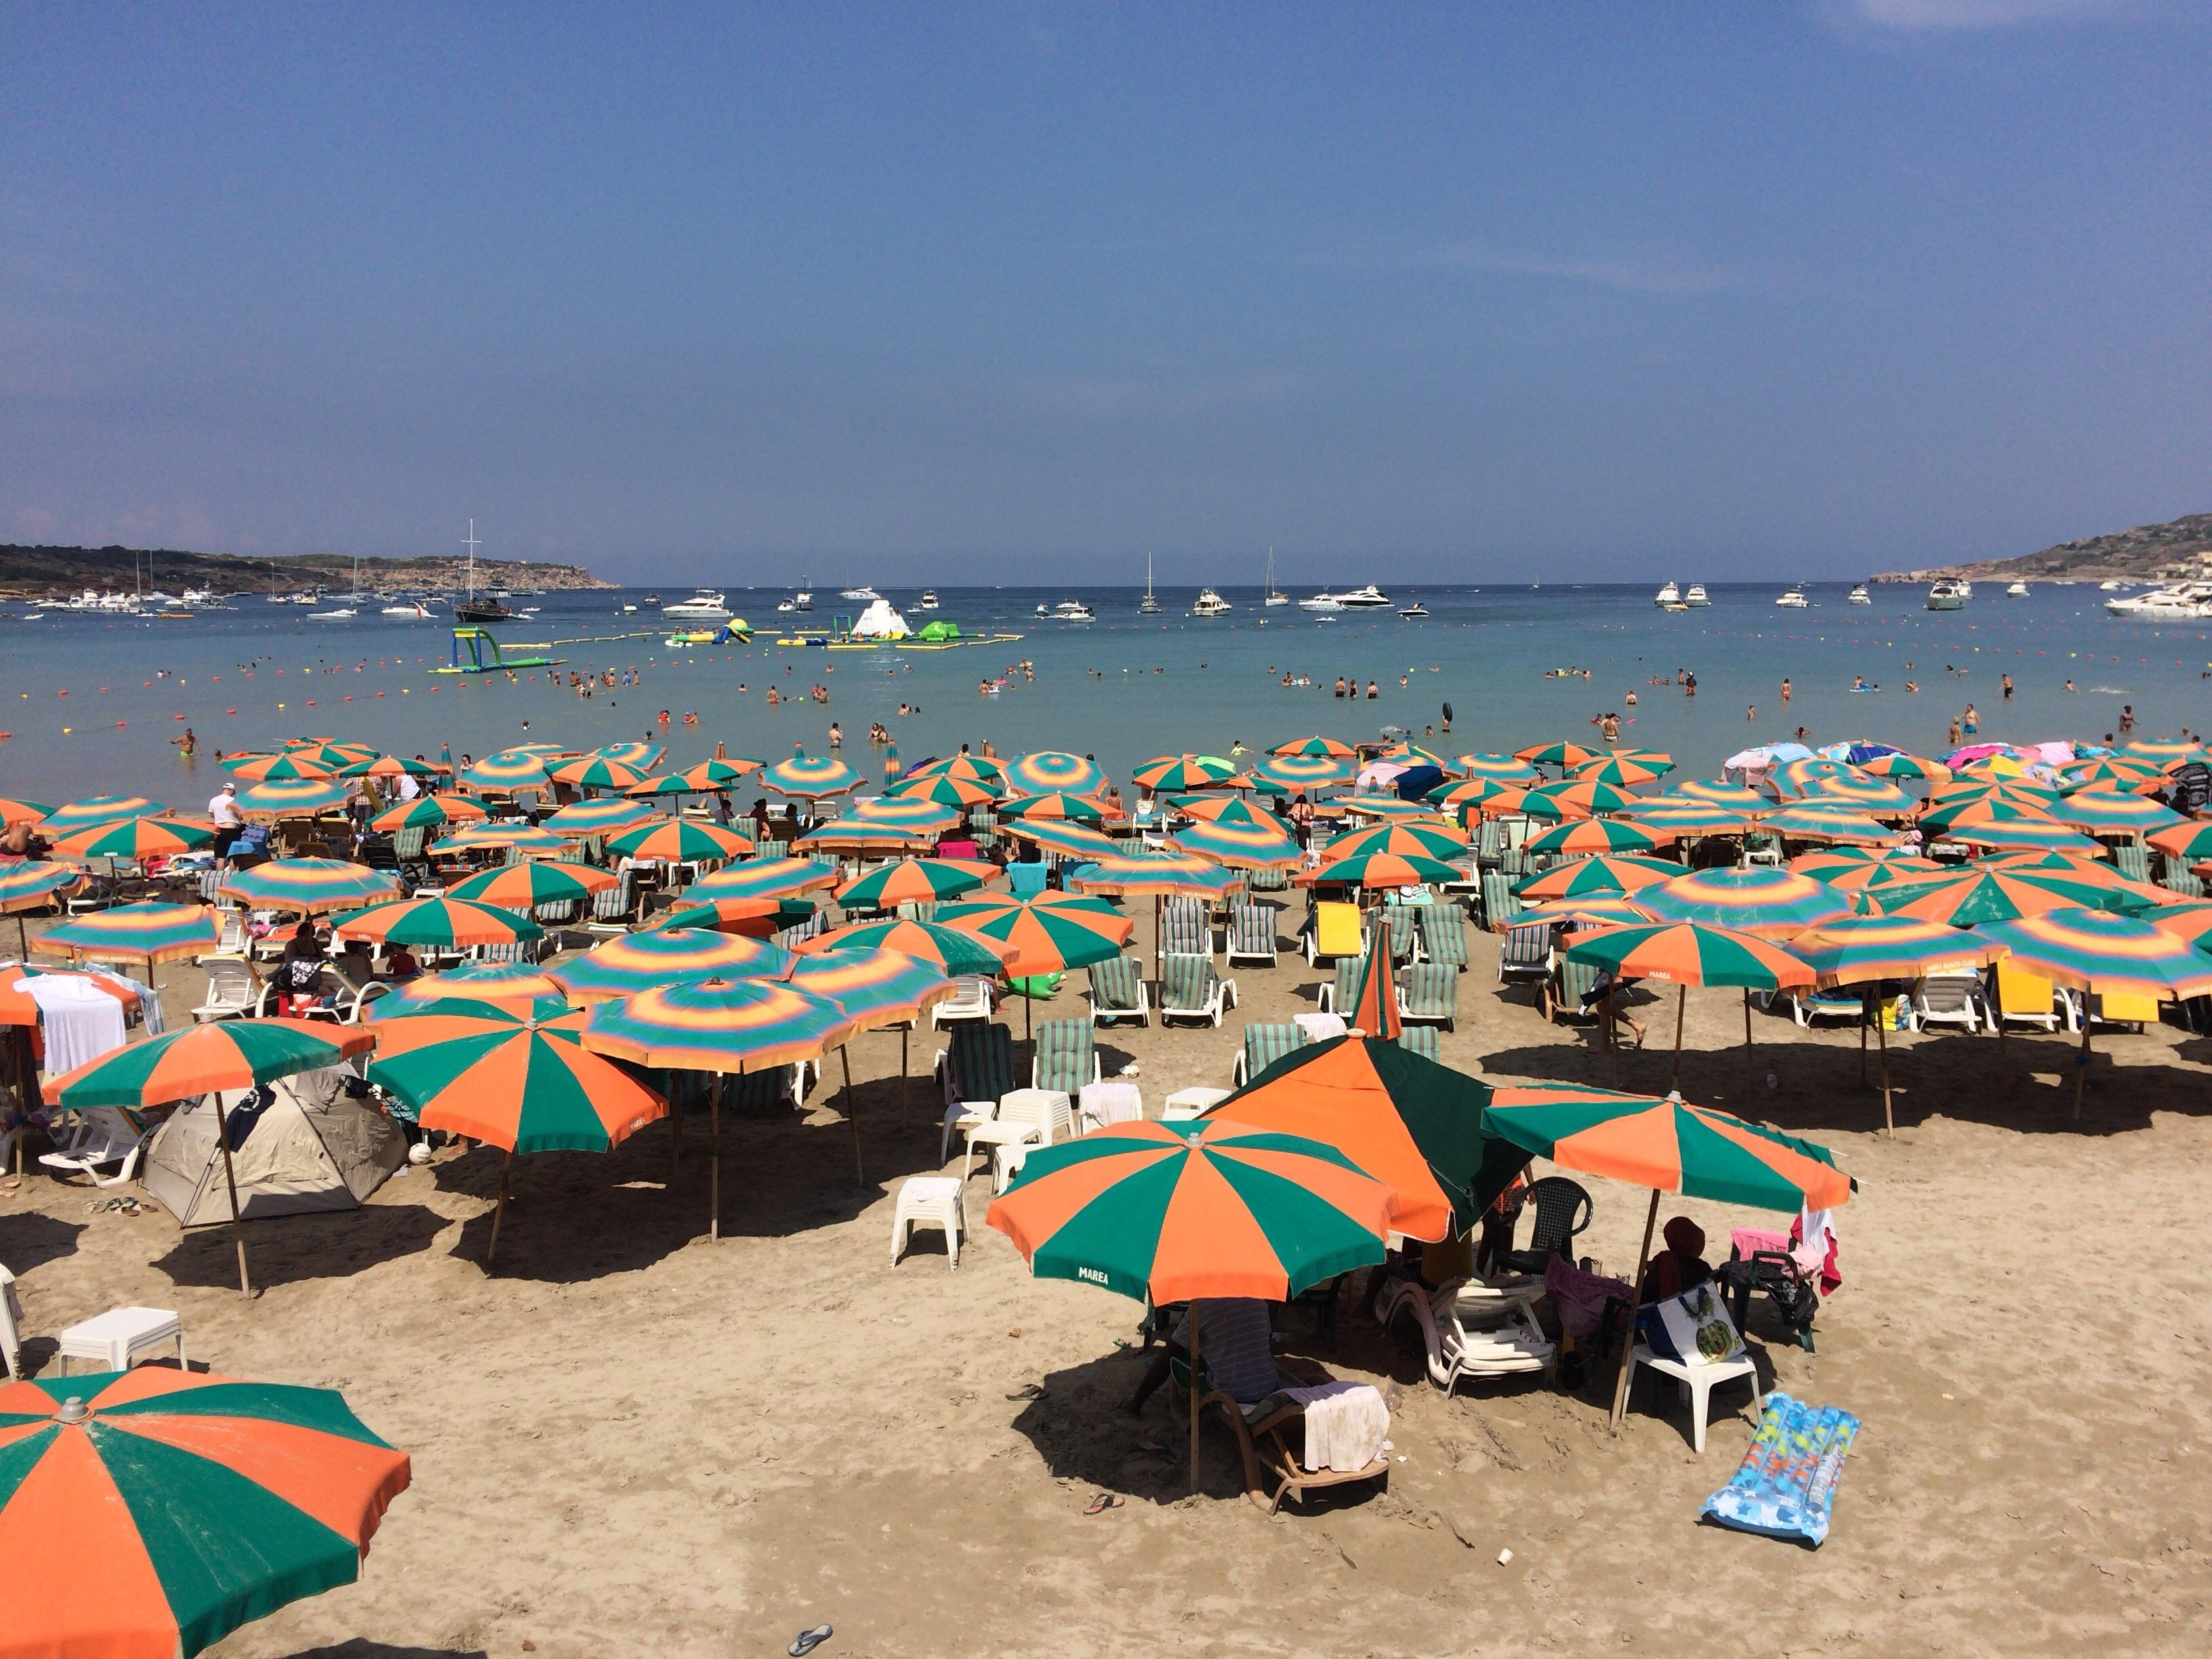 パラソルで埋め尽くされるビーチ